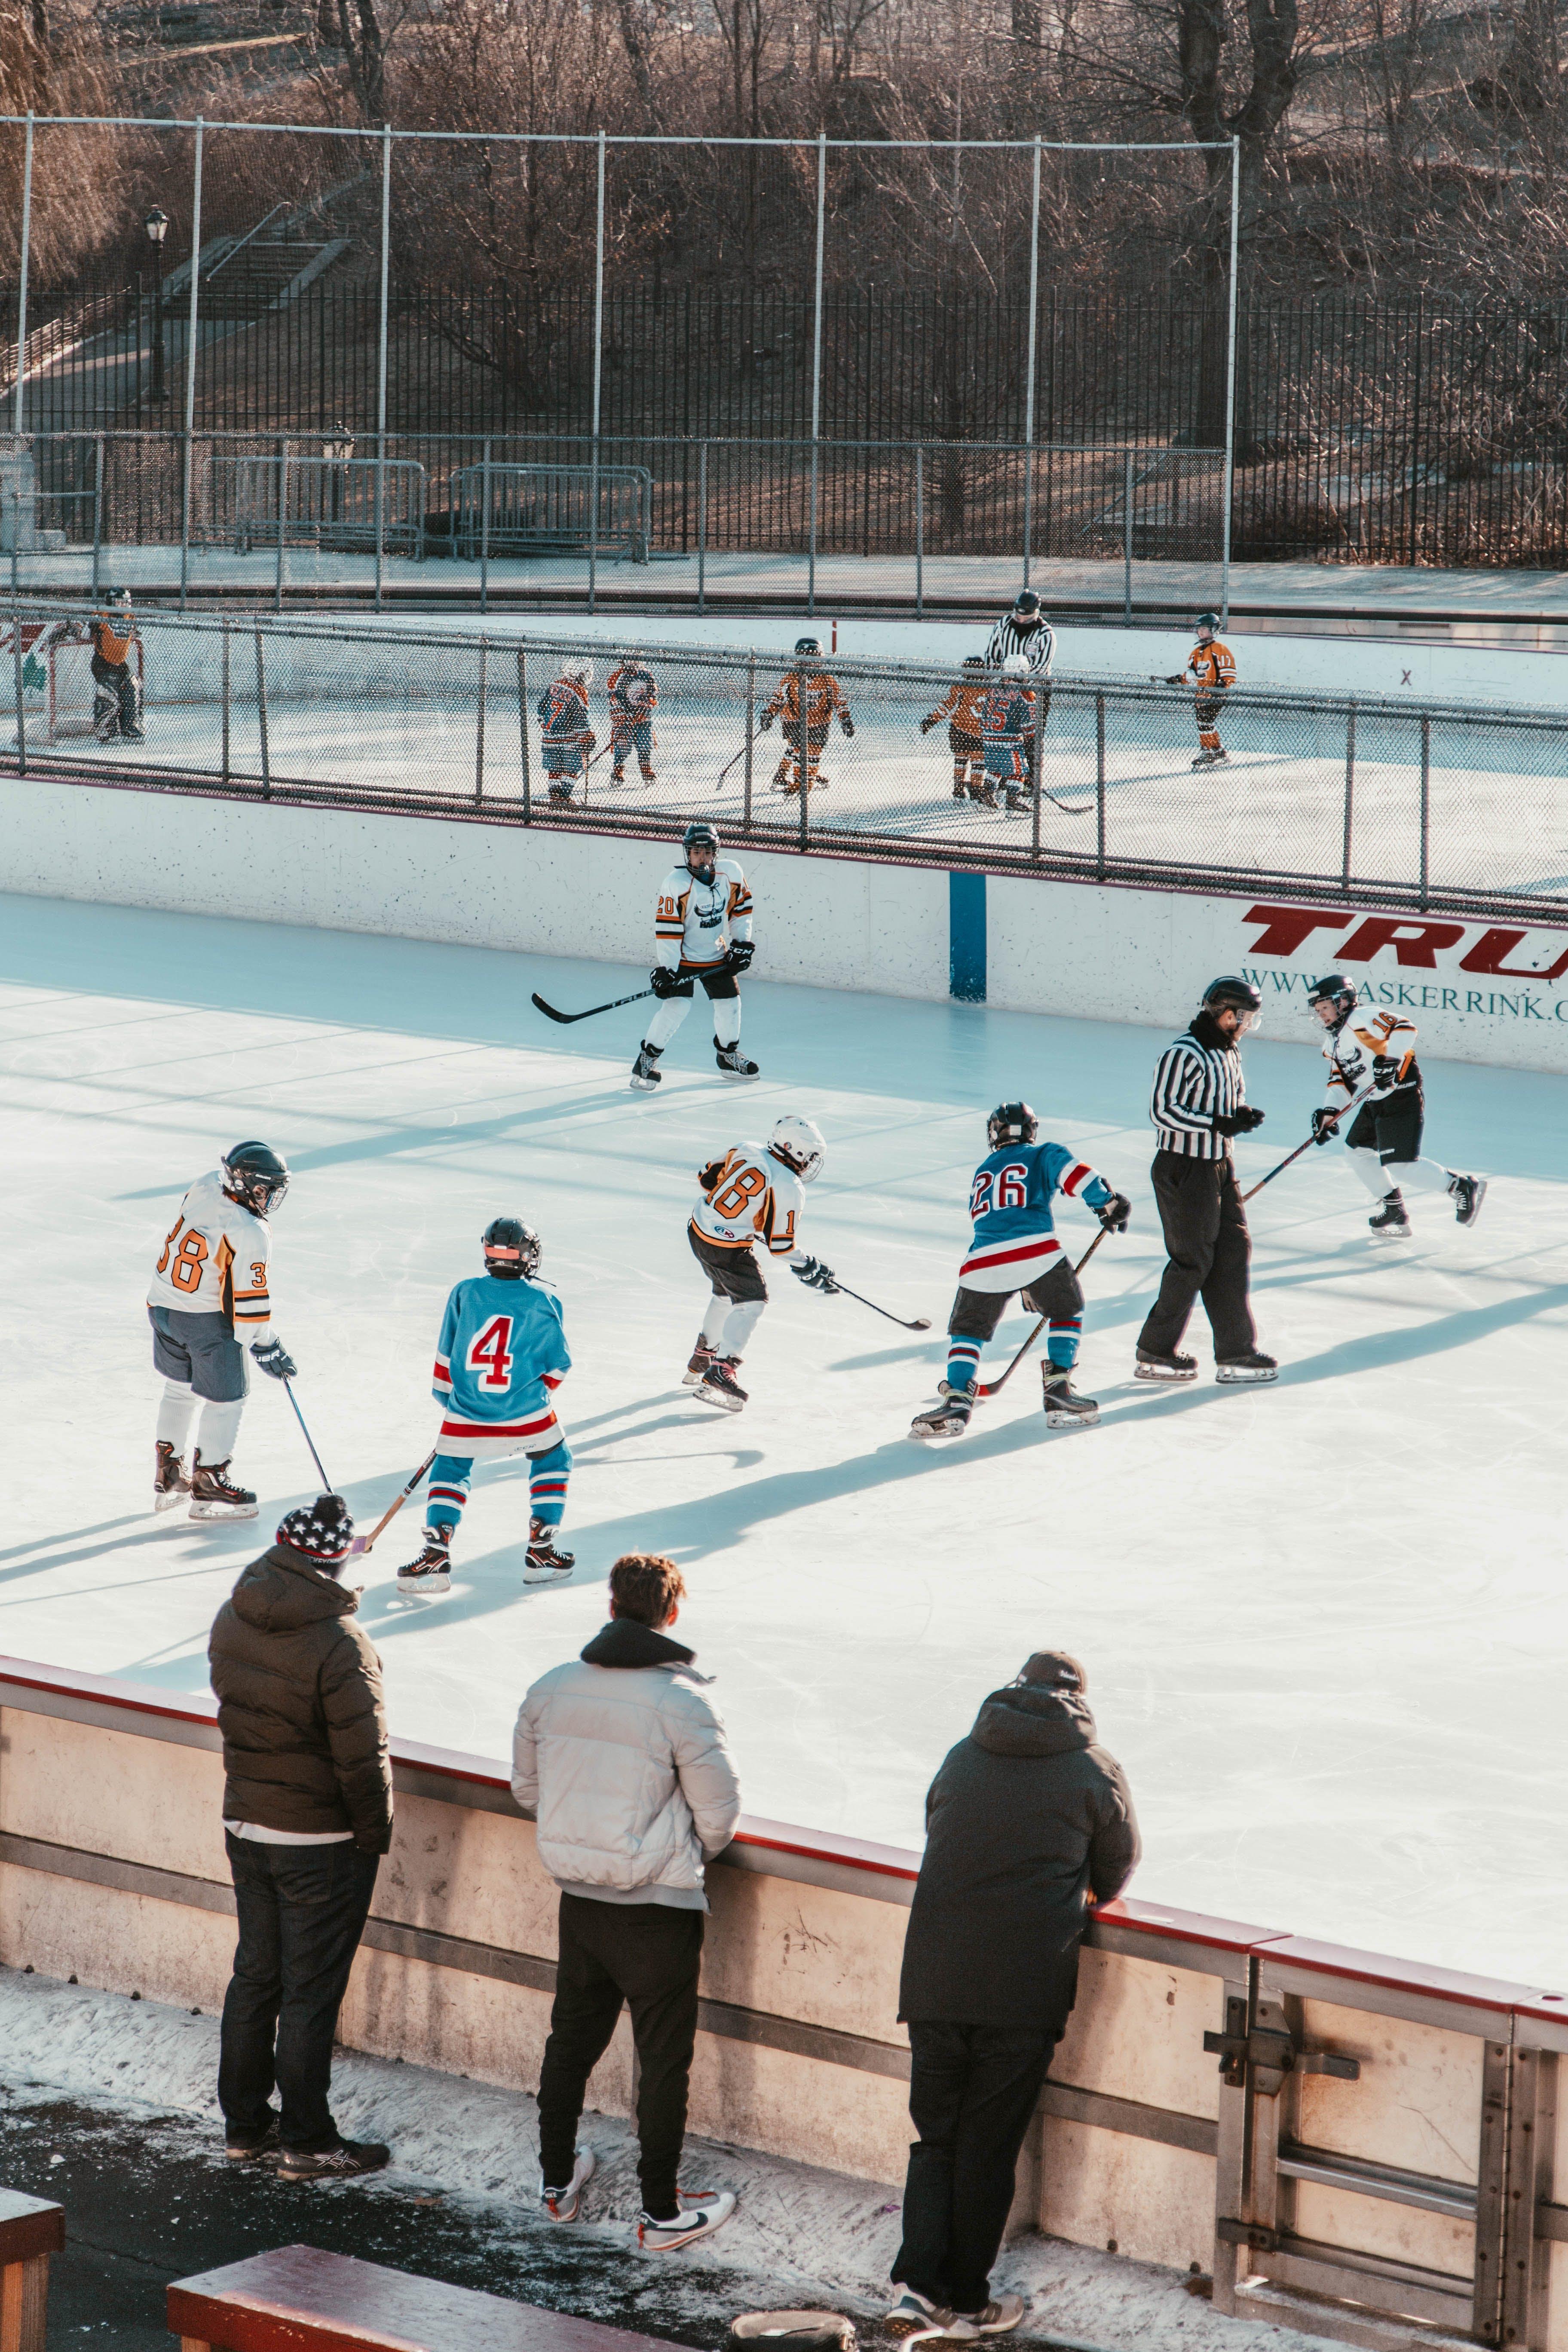 冰球, 娛樂, 播放, 滑冰 的 免费素材照片